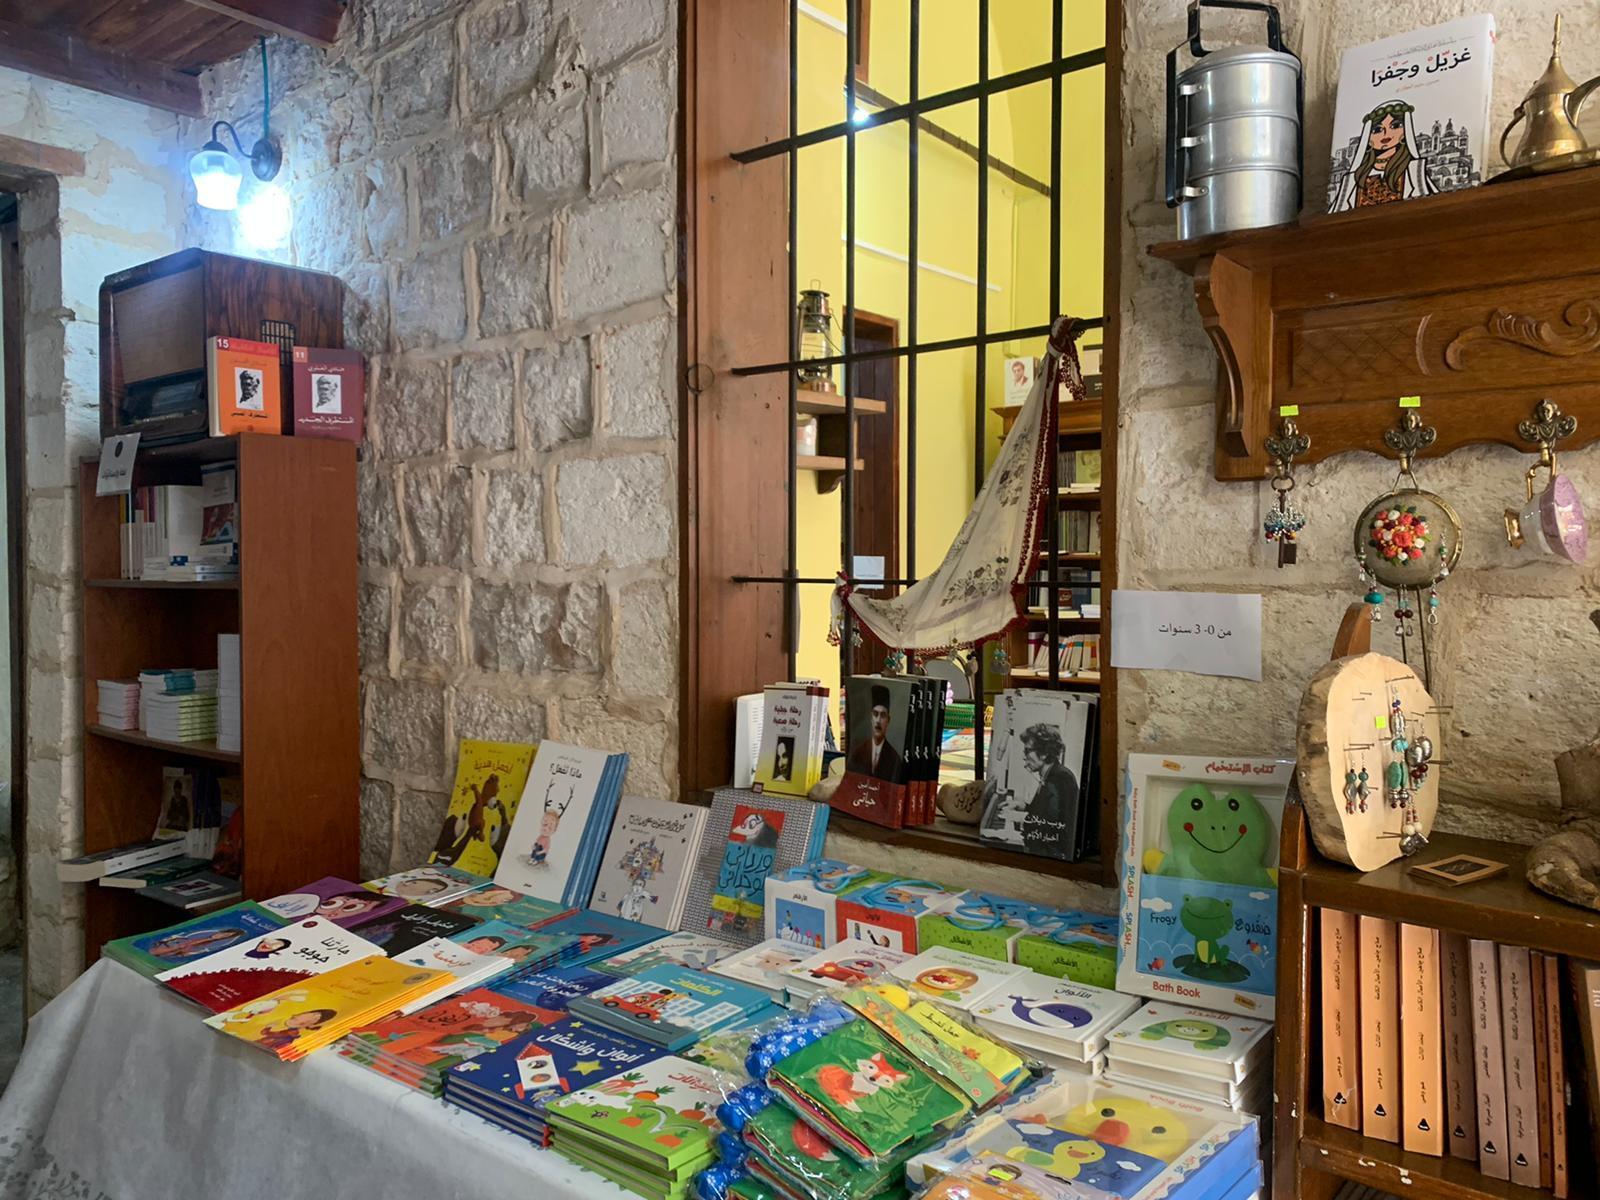 توصيات لكتب جديدة من معرض المها في الناصرة